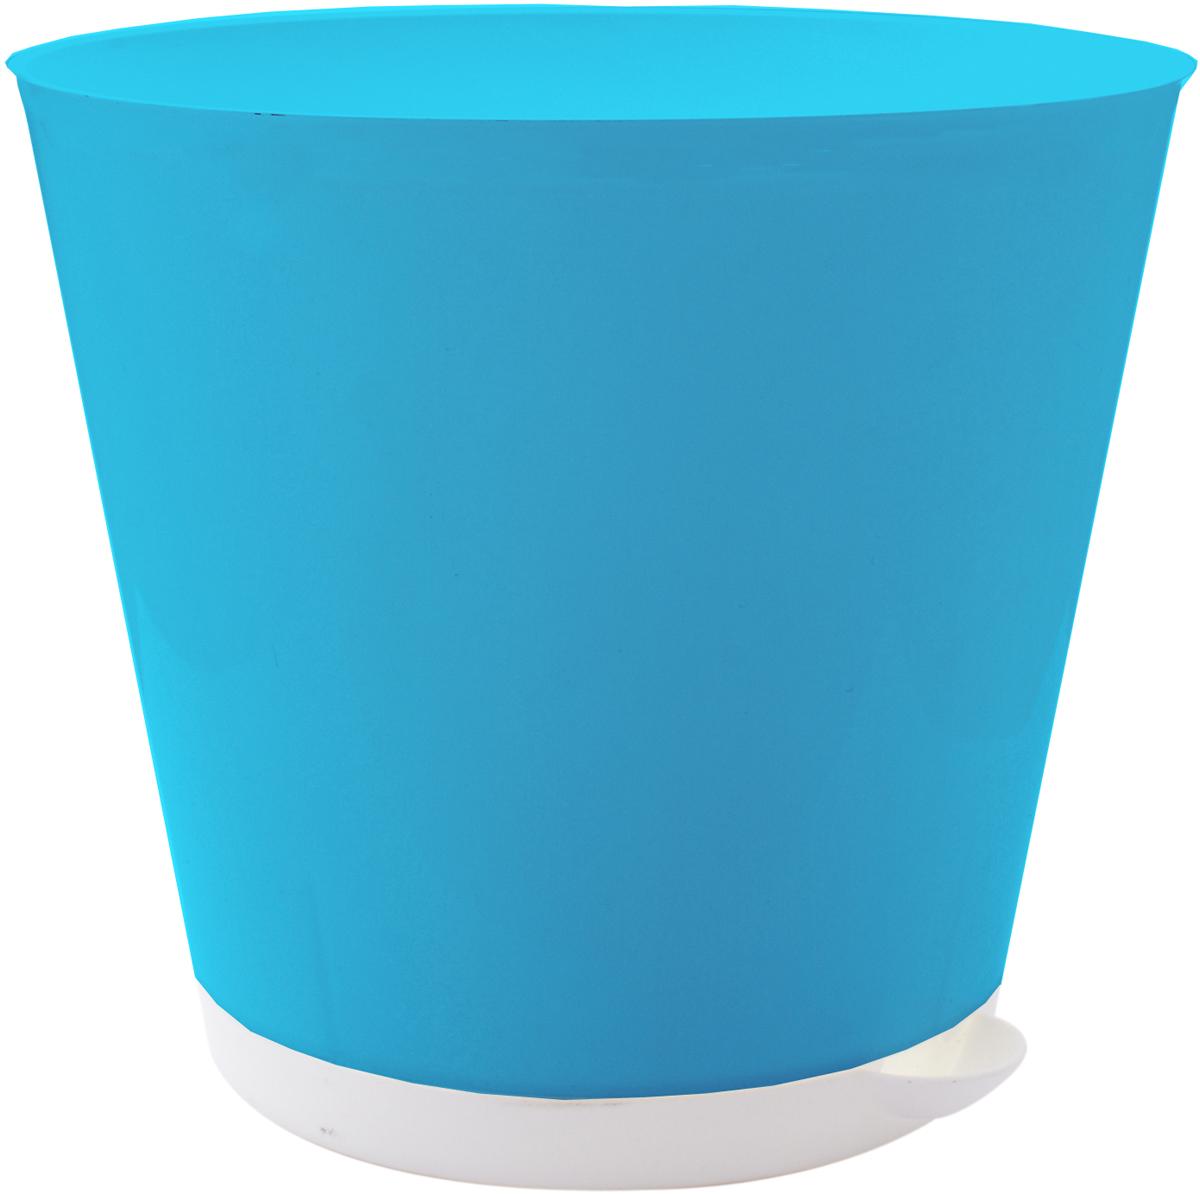 Горшок для цветов InGreen Крит, с системой прикорневого полива, цвет: светло-синий, белый, диаметр 22,6 см10503Горшок InGreen Крит, выполненный из высококачественного пластика, предназначен для выращивания комнатных цветов, растений и трав. Специальная конструкция обеспечивает вентиляцию в корневой системе растения, а дренажные отверстия позволяют выходить лишней влаге из почвы. Крепежные отверстия и штыри прочно крепят подставку к горшку. Прикорневой полив растения осуществляется через удобный носик. Система прикорневого полива позволяет оставлять комнатное растение без внимания тем, кто часто находится в командировках или собирается в отпуск и не имеет возможности вовремя поливать цветы.Такой горшок порадует вас современным дизайном и функциональностью, а также оригинально украсит интерьер любого помещения. Объем: 5 л.